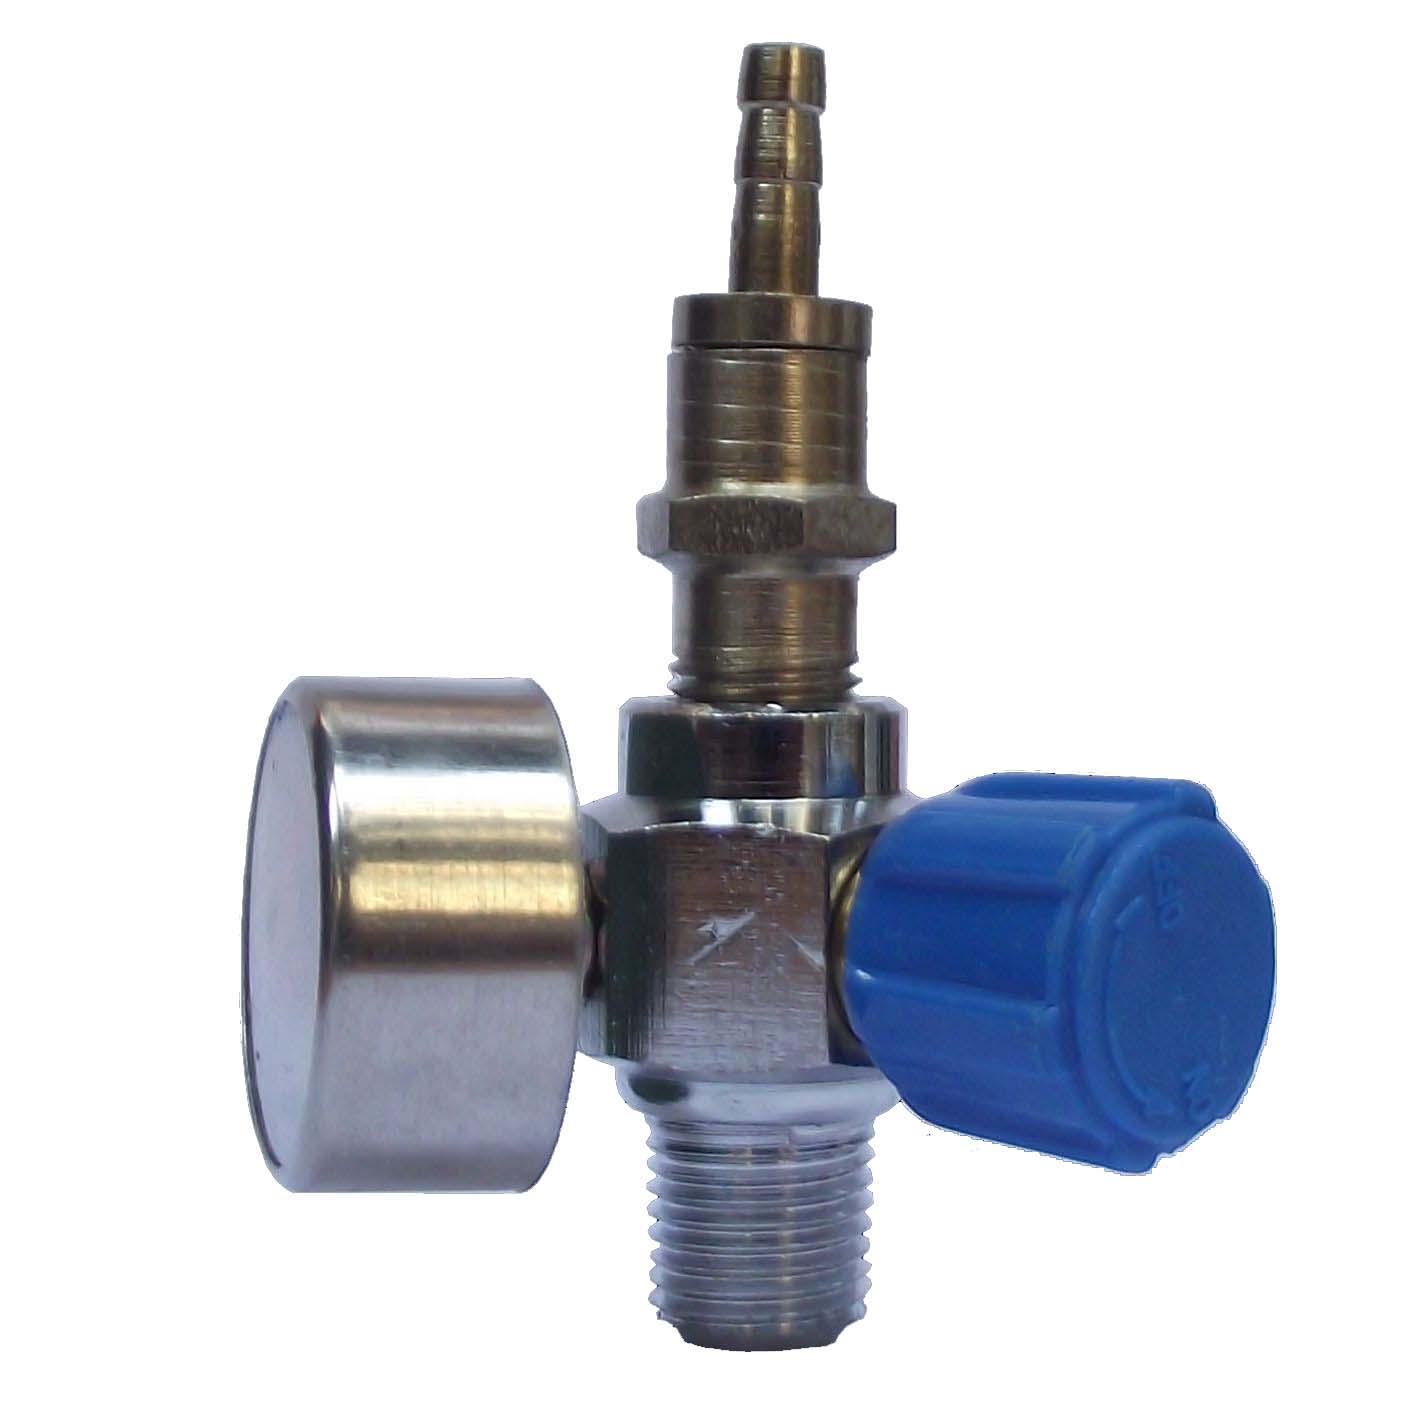 nye kobber iltventilen bærbare svejsning med 2 liter mindre cylinder særlige trykregulerings - ventil kontakt broen pakker, post